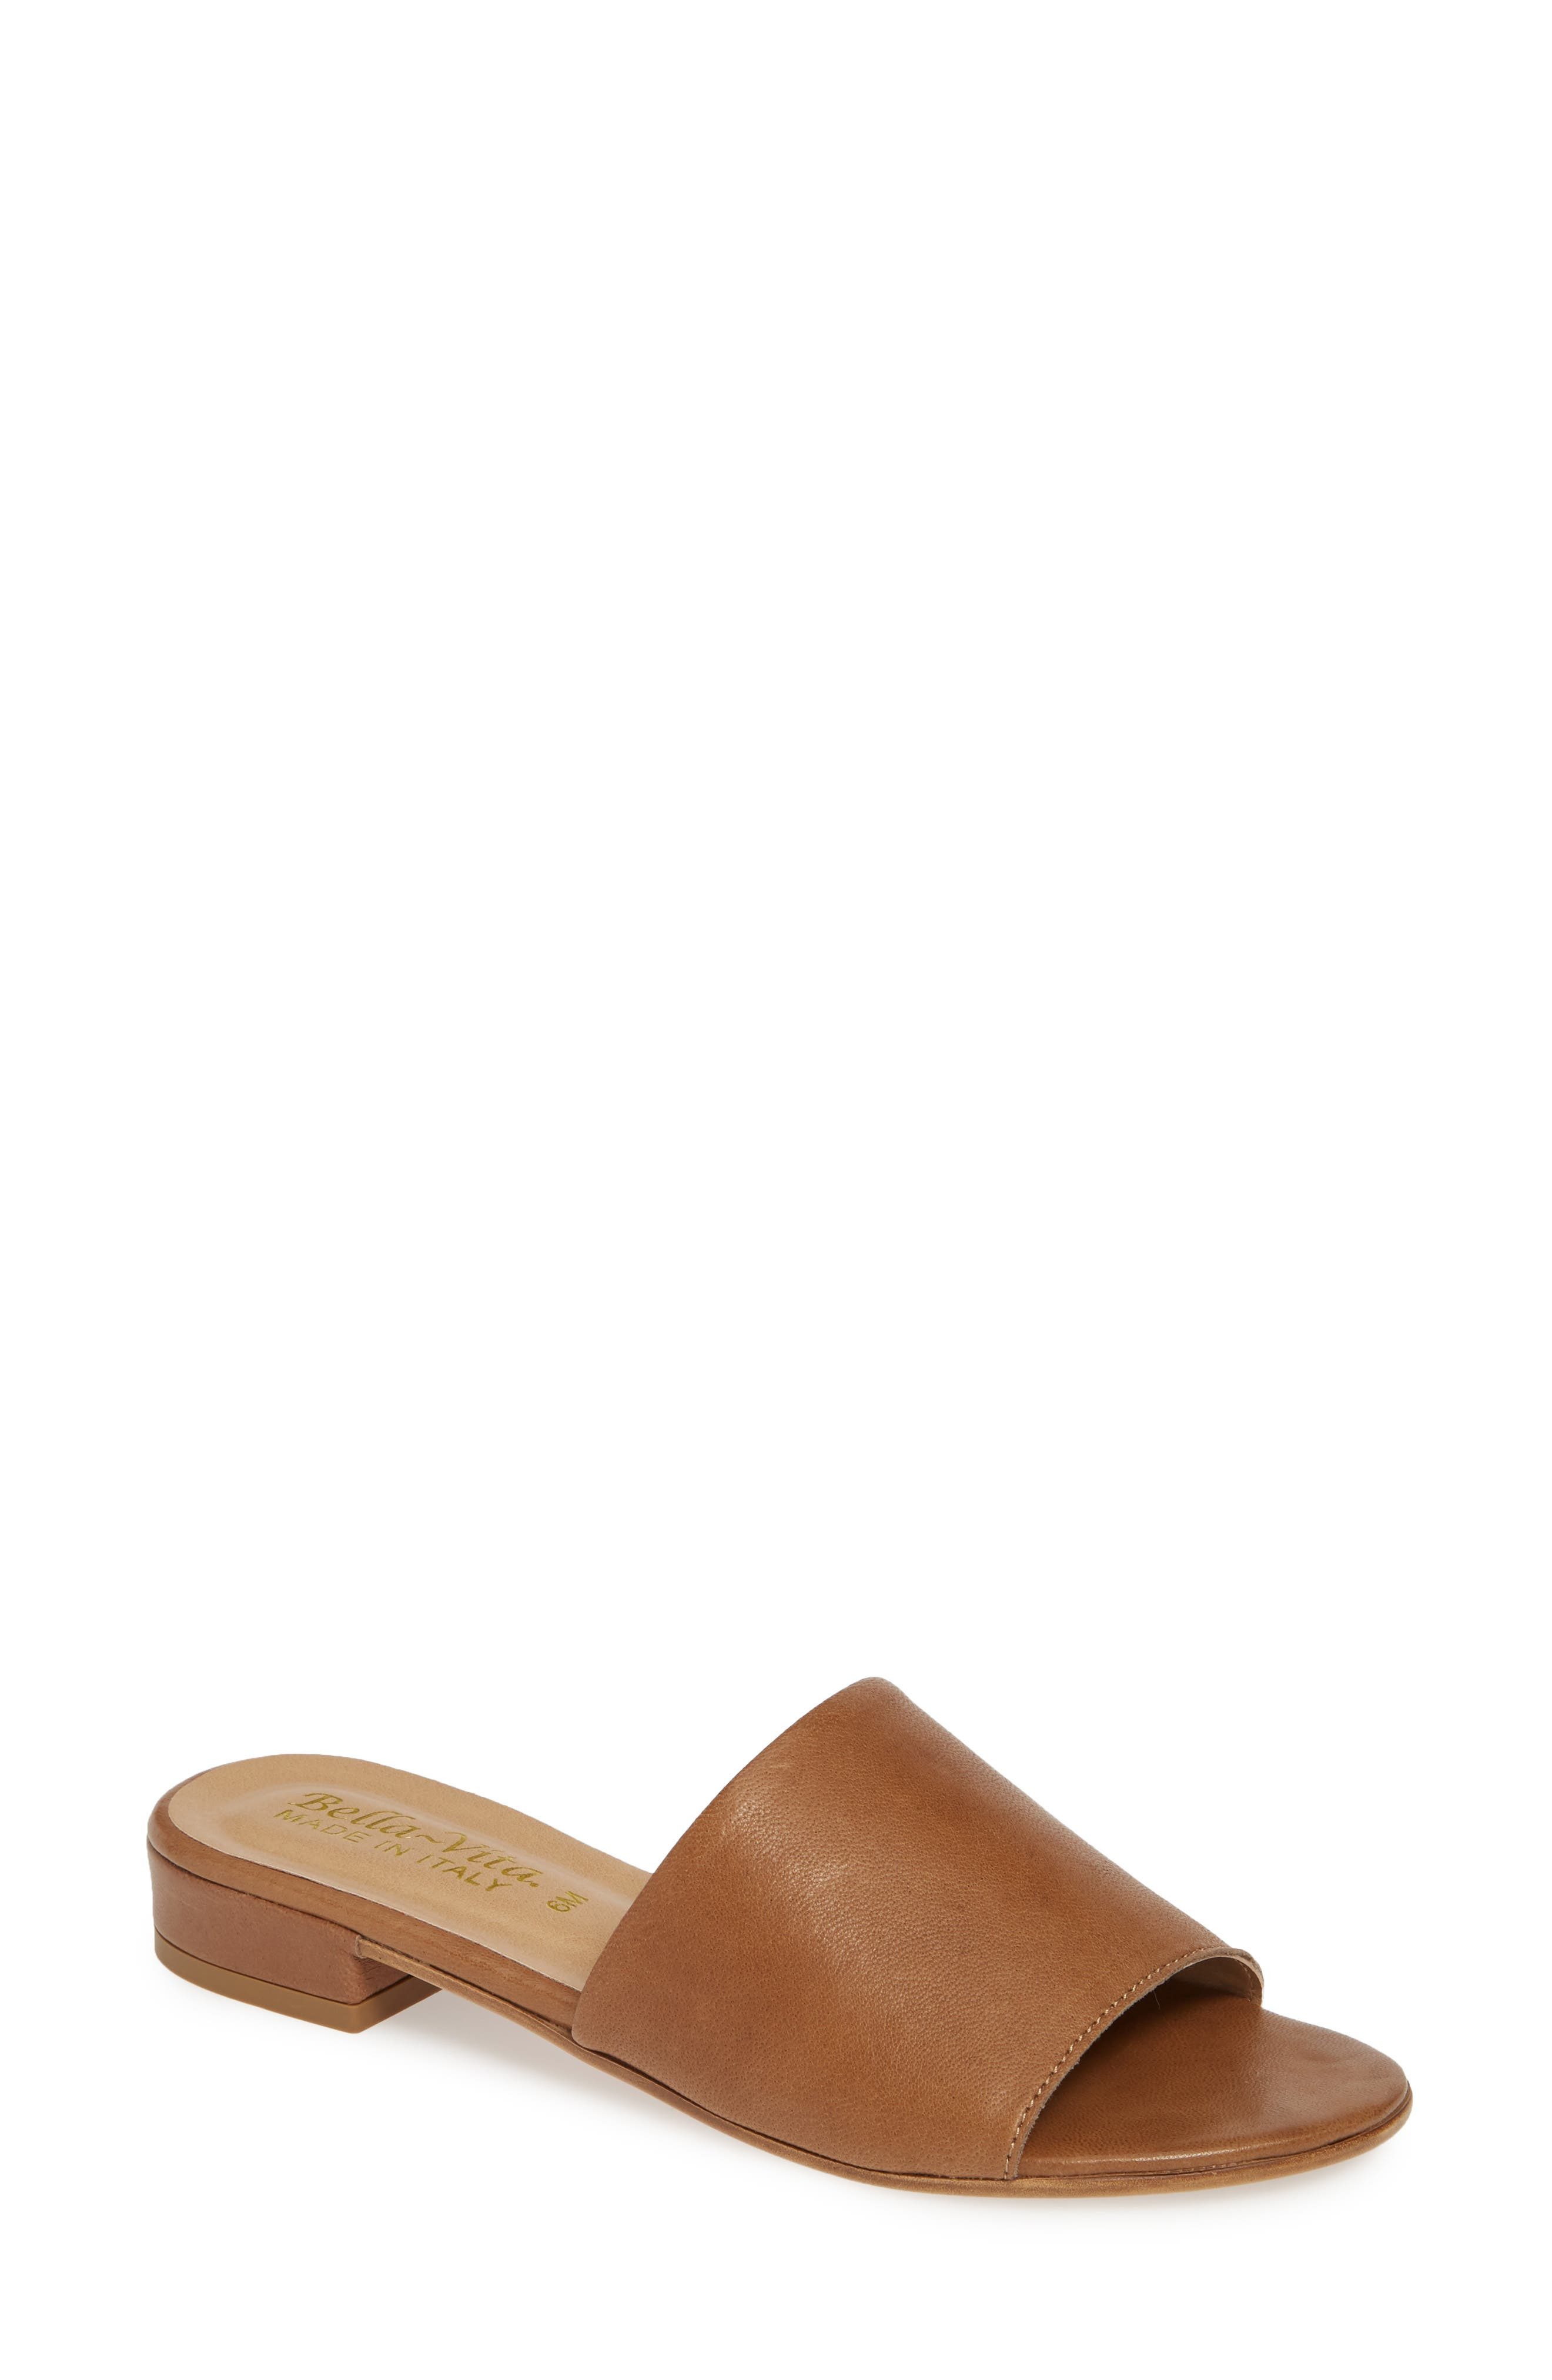 Bella Vita Slide Sandal, Brown